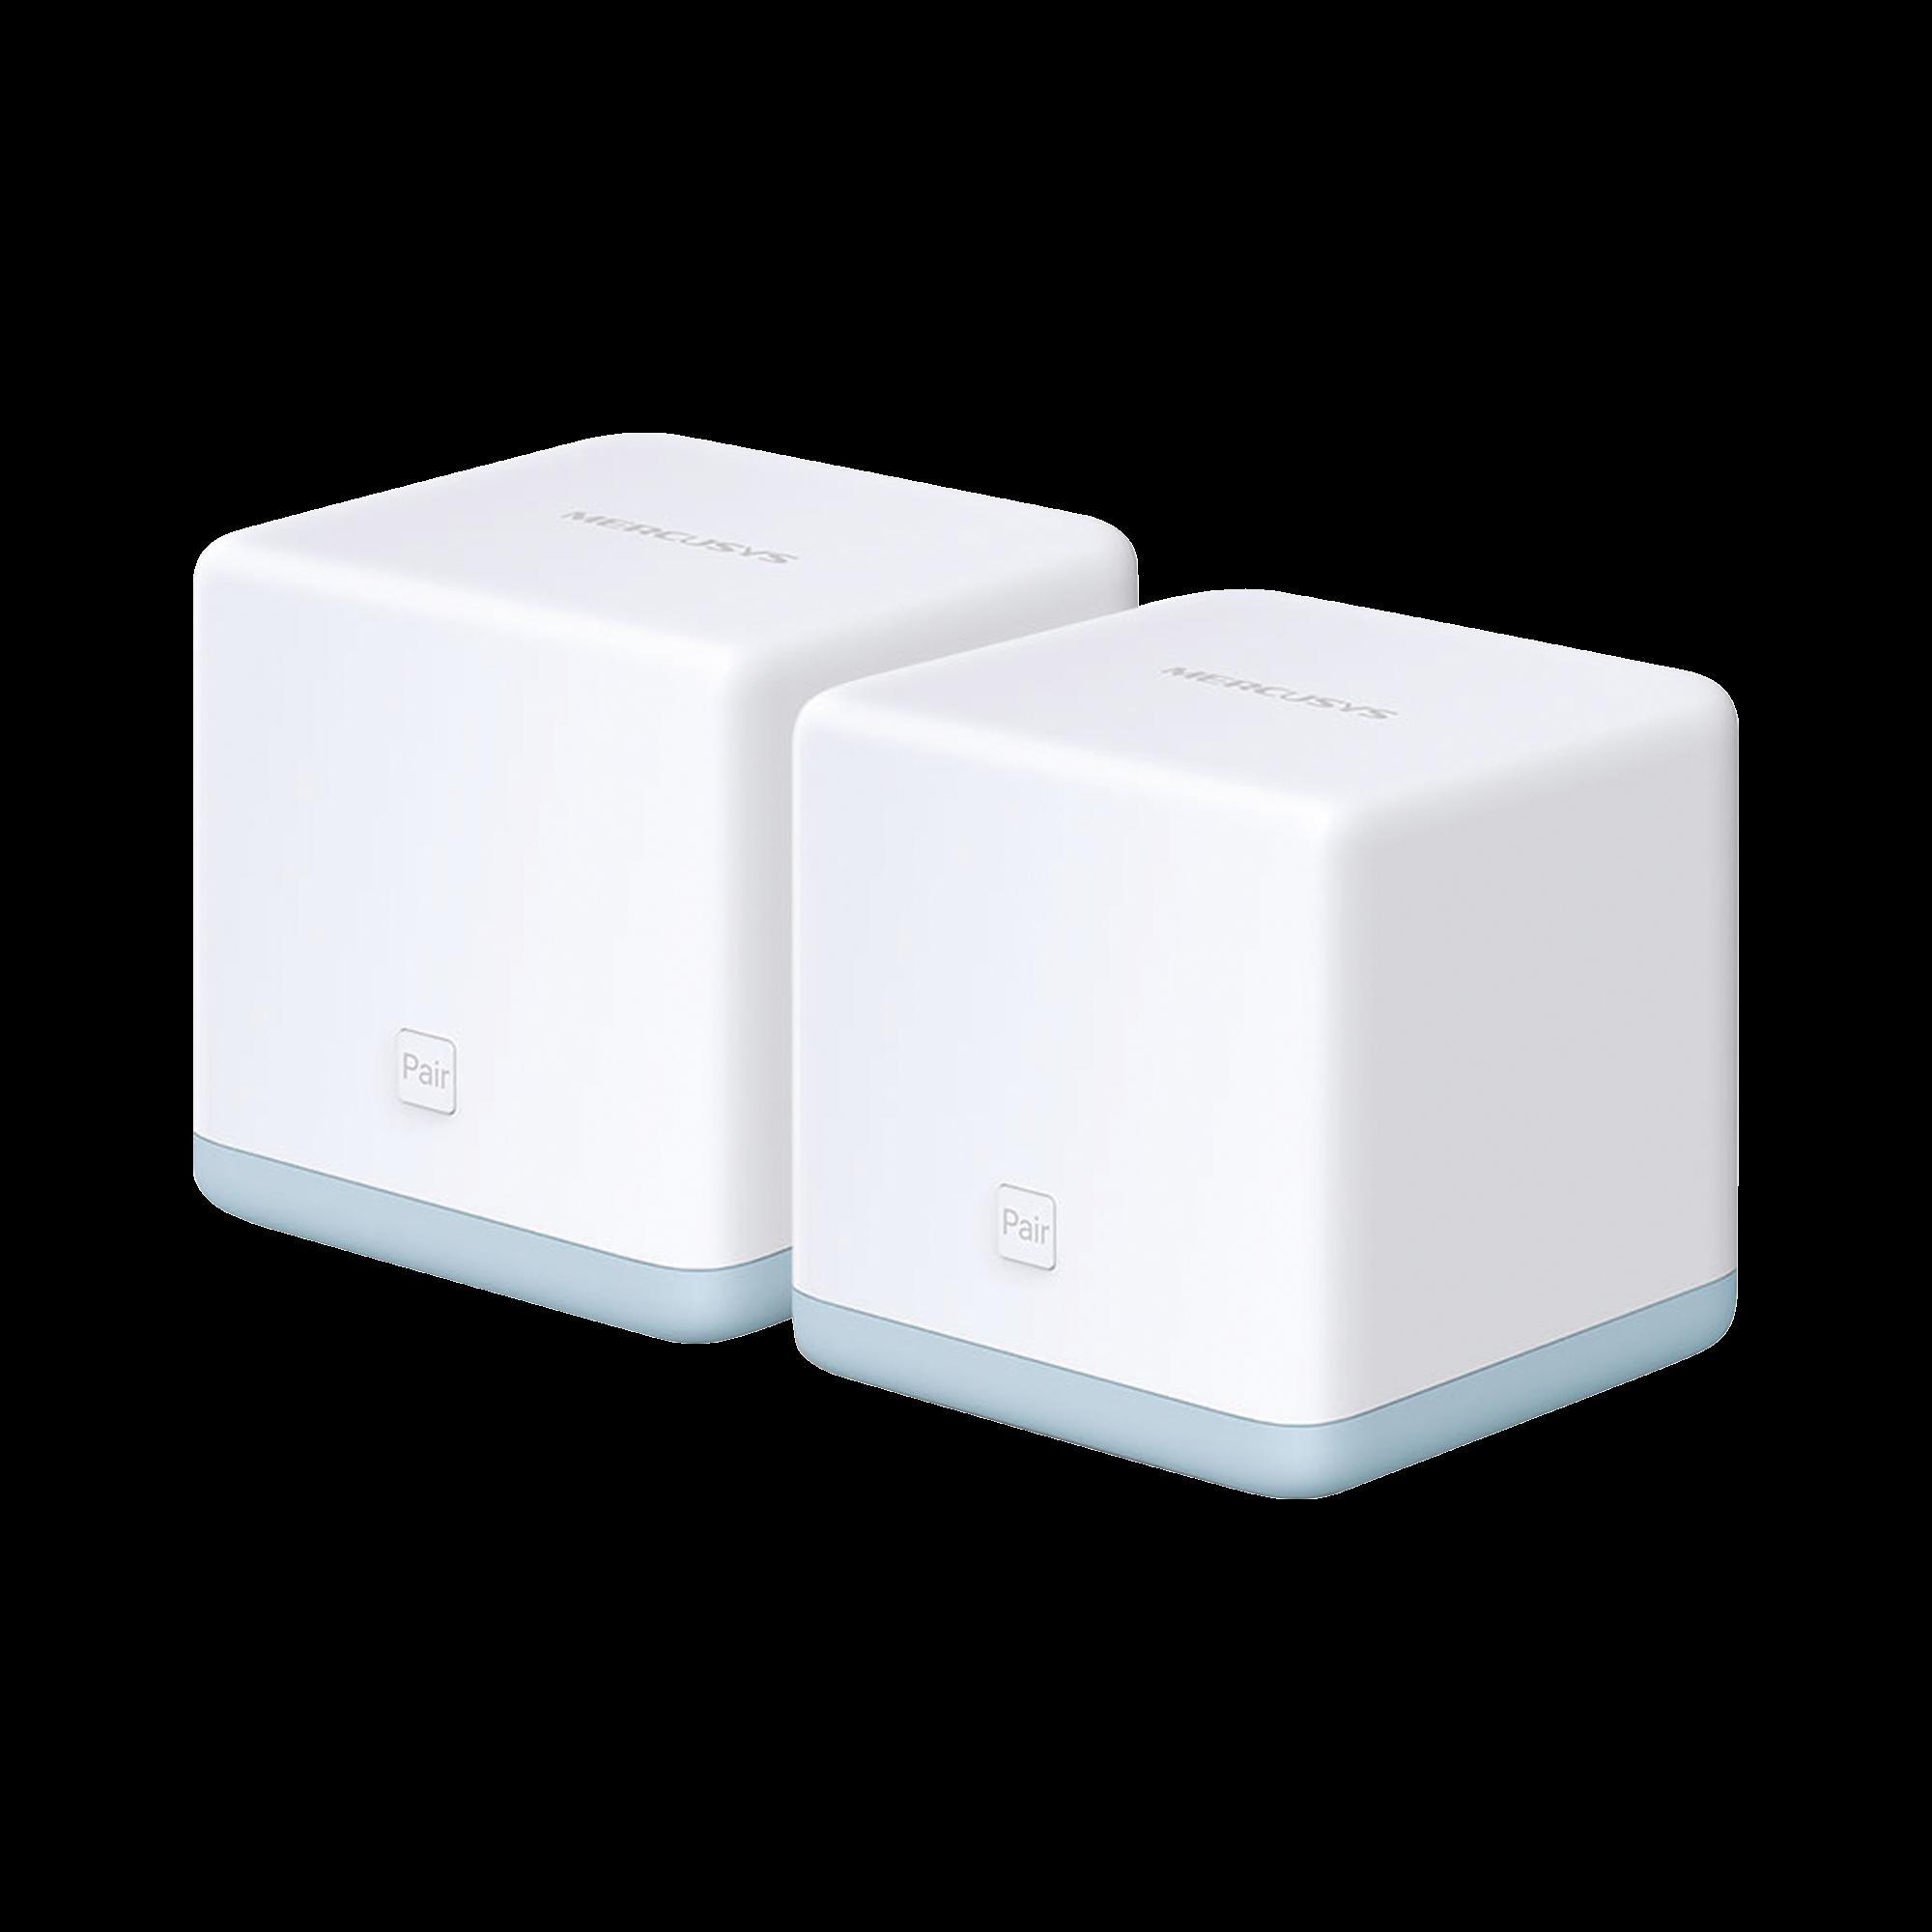 KIT de sistema inalambrico HALO S12 Mesh para hogar, 2.4GHz y 5GHz AC 1200Mbps, doble puerto 10/100Mbps, control parental.